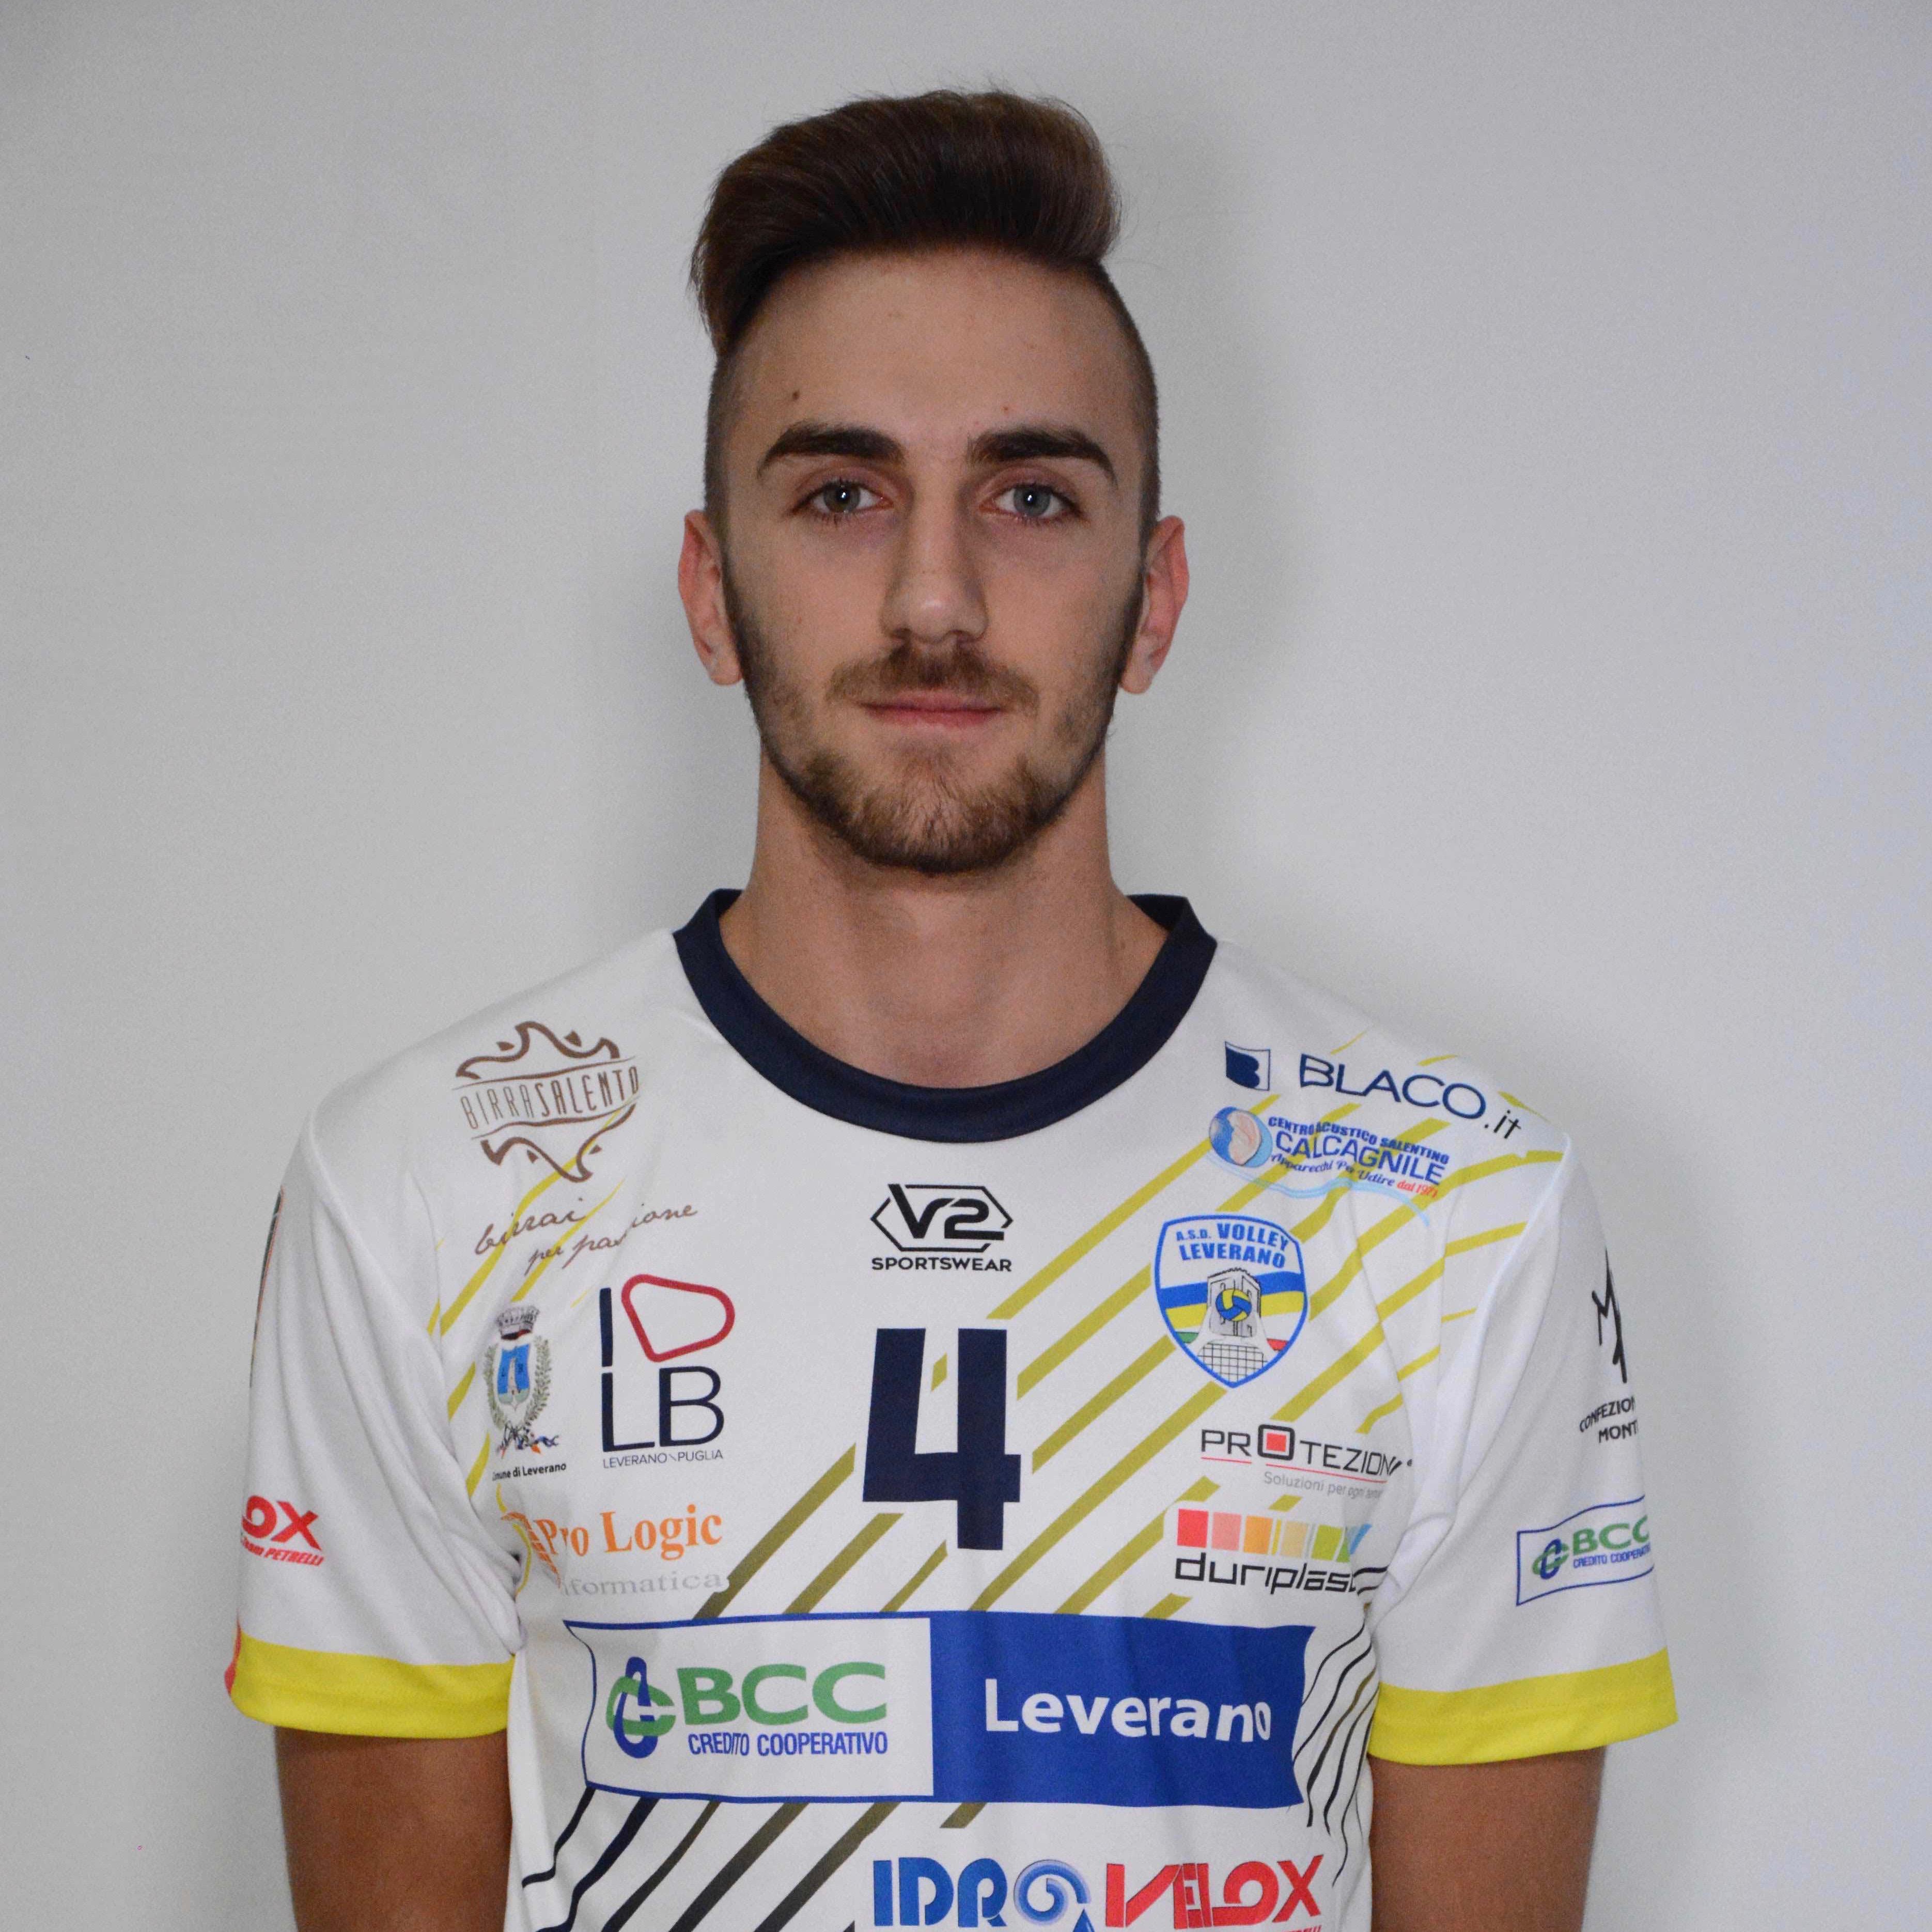 Gabriele Cagnazzo